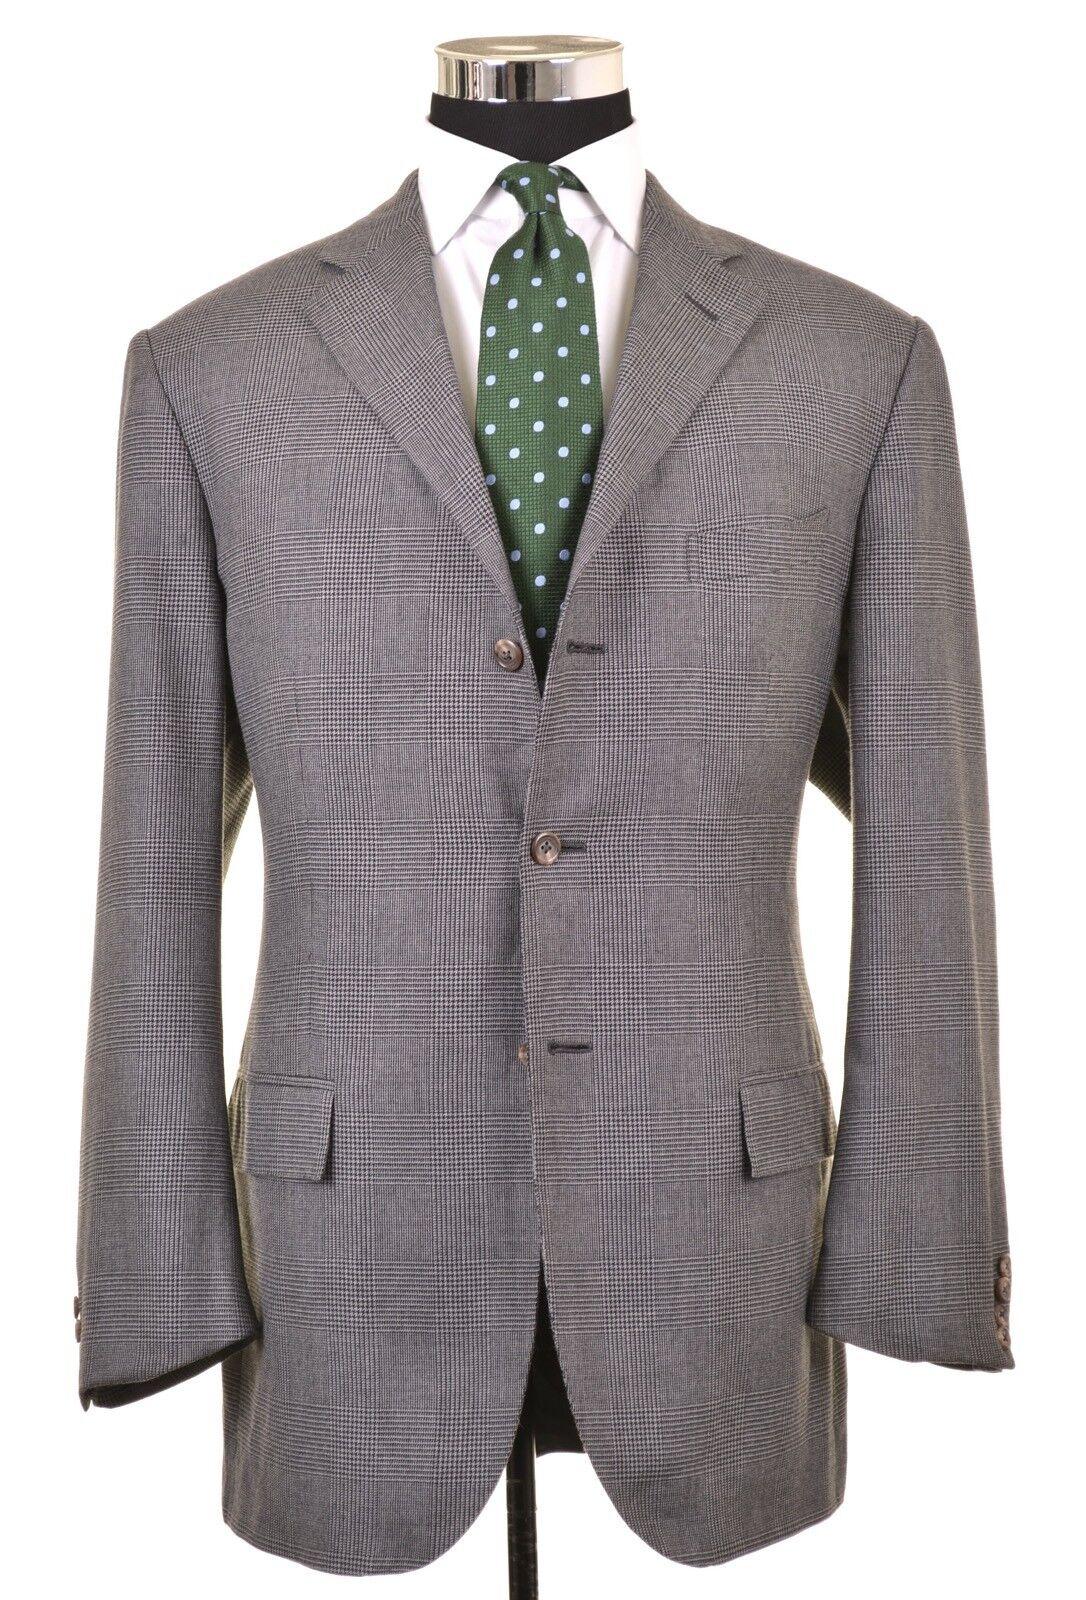 Polo Ralph Lauren ITALY Corneliani grau COTTON CASHMERE Plaid Sport Coat 44 L